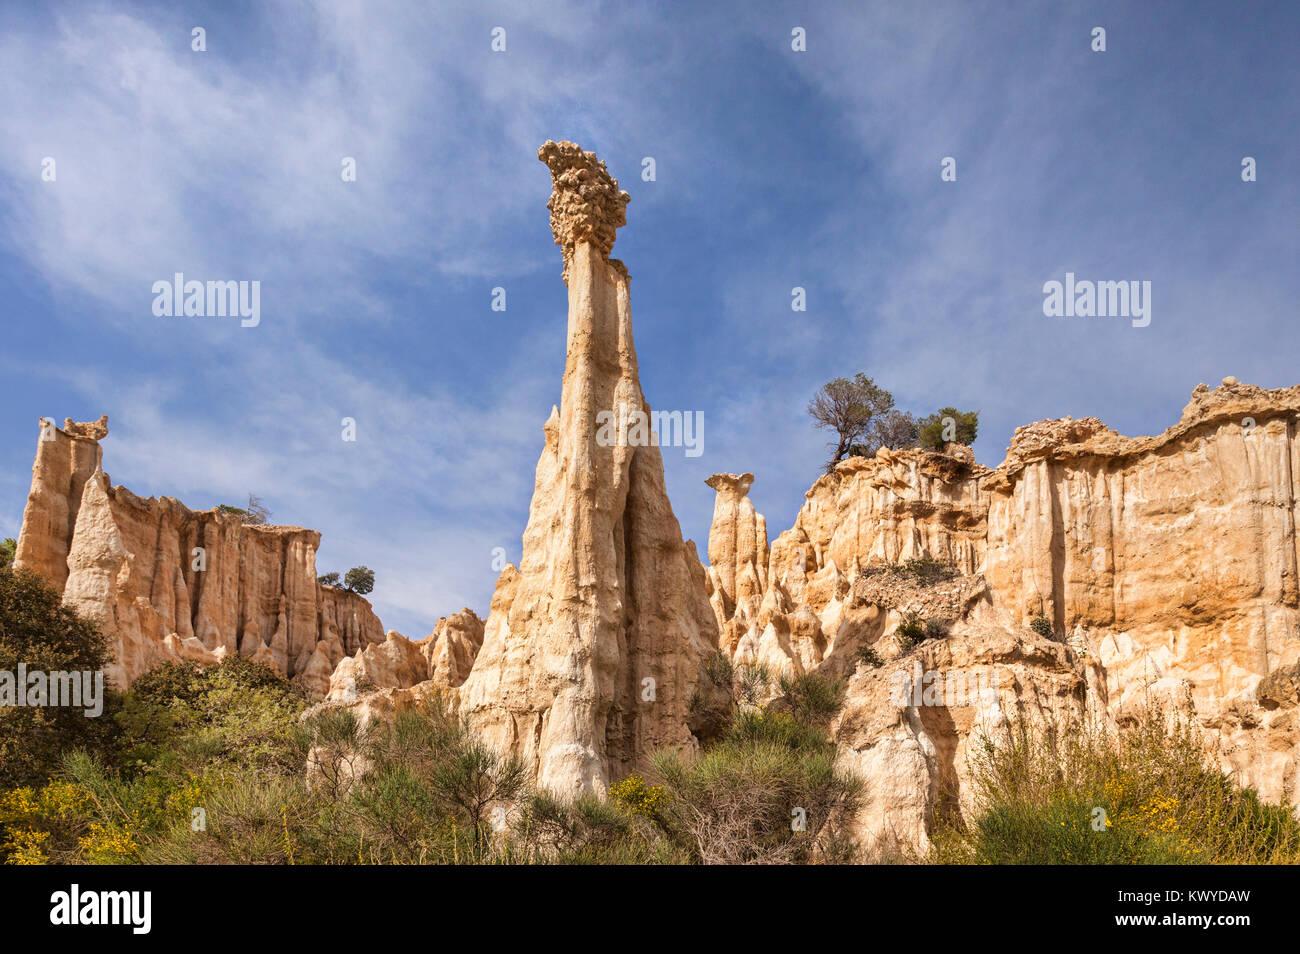 Les Orgues d'Ille sur Tet, Languedoc-Roussillon, Pyrenees-Orientales, France. - Stock Image